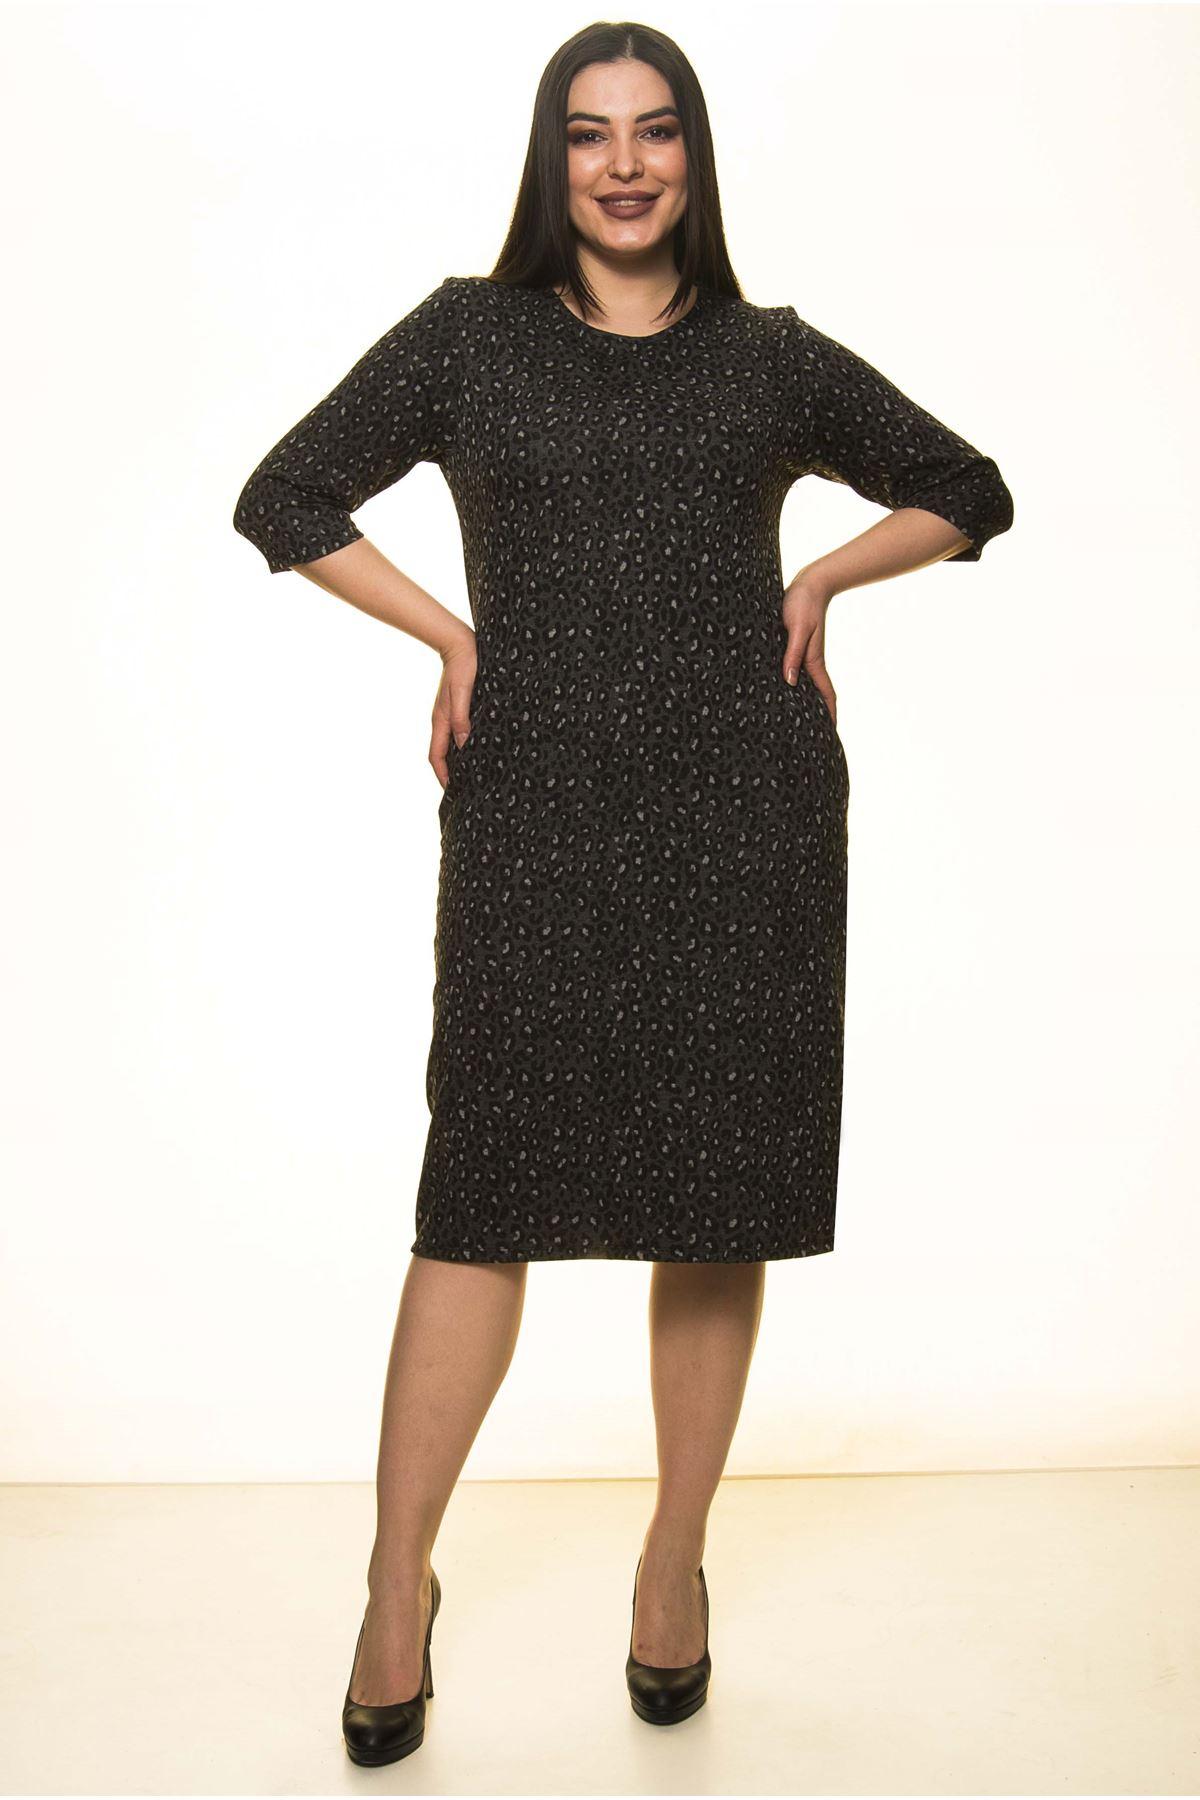 Jakarlı Cepli Kışlık Büyük Beden Elbise 29D-1460